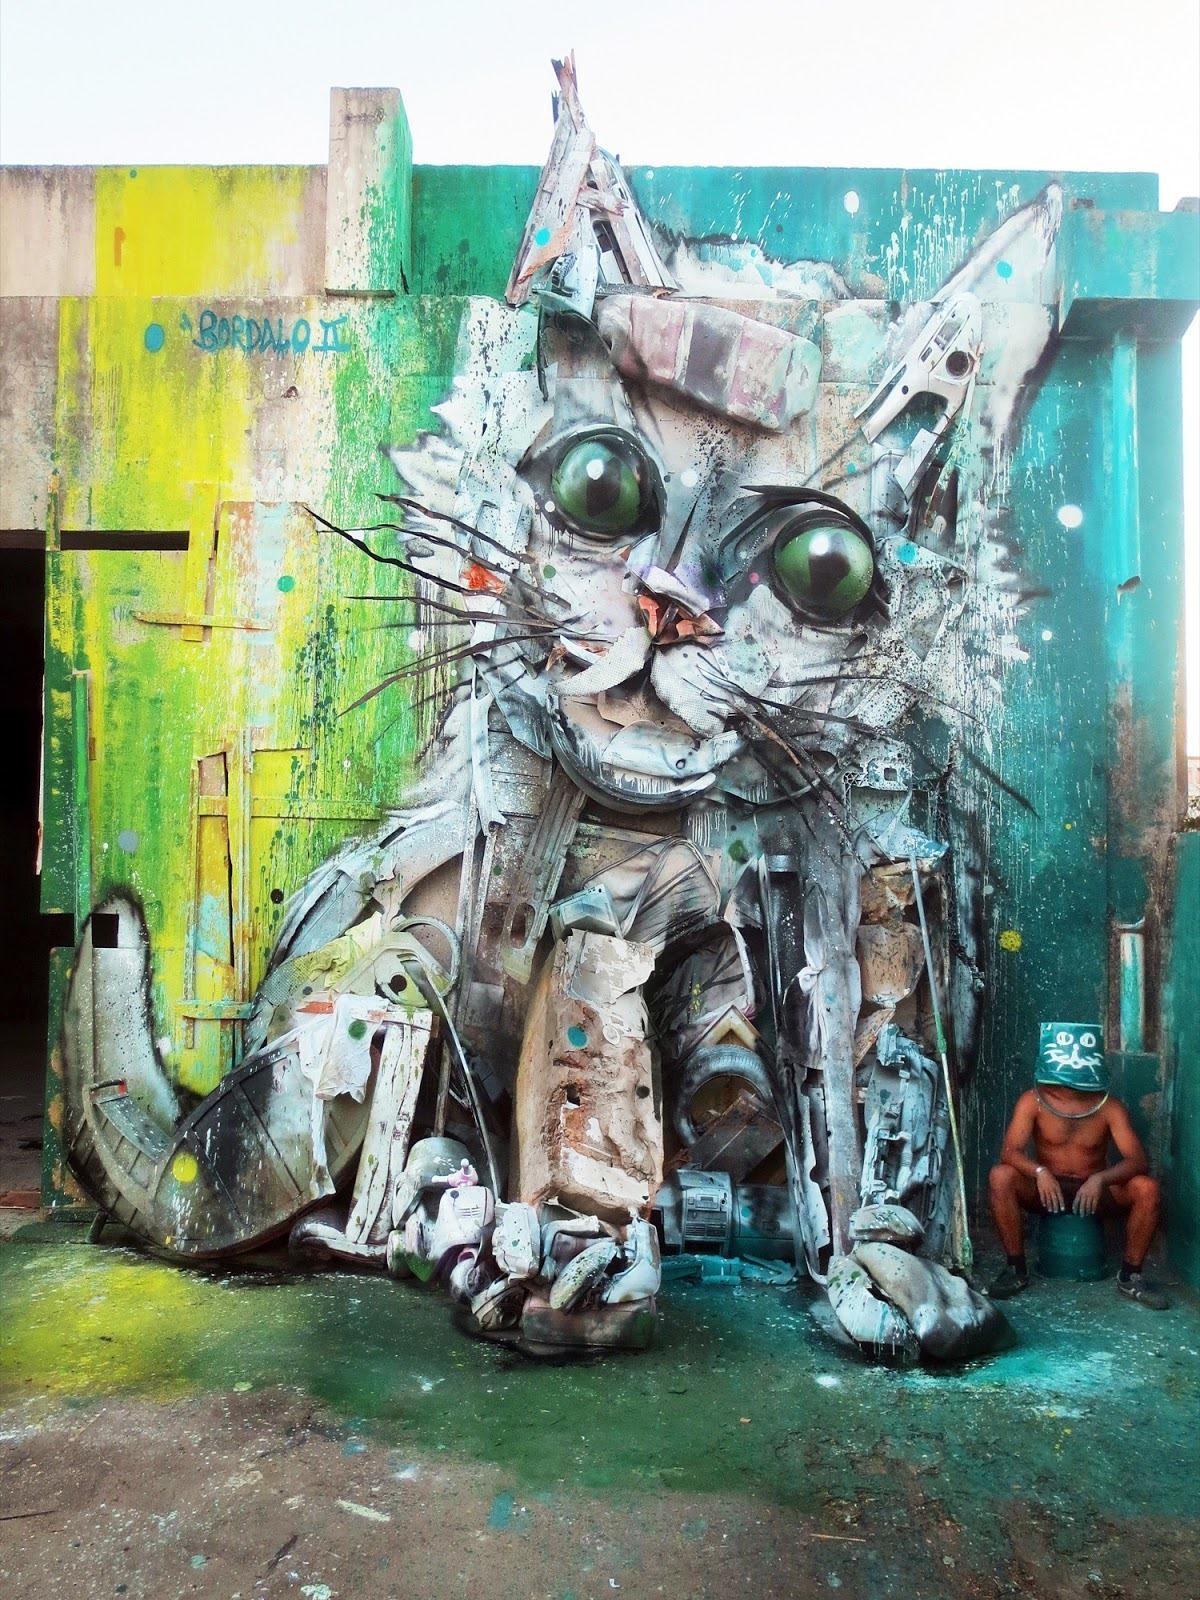 bodalo-street-art-14